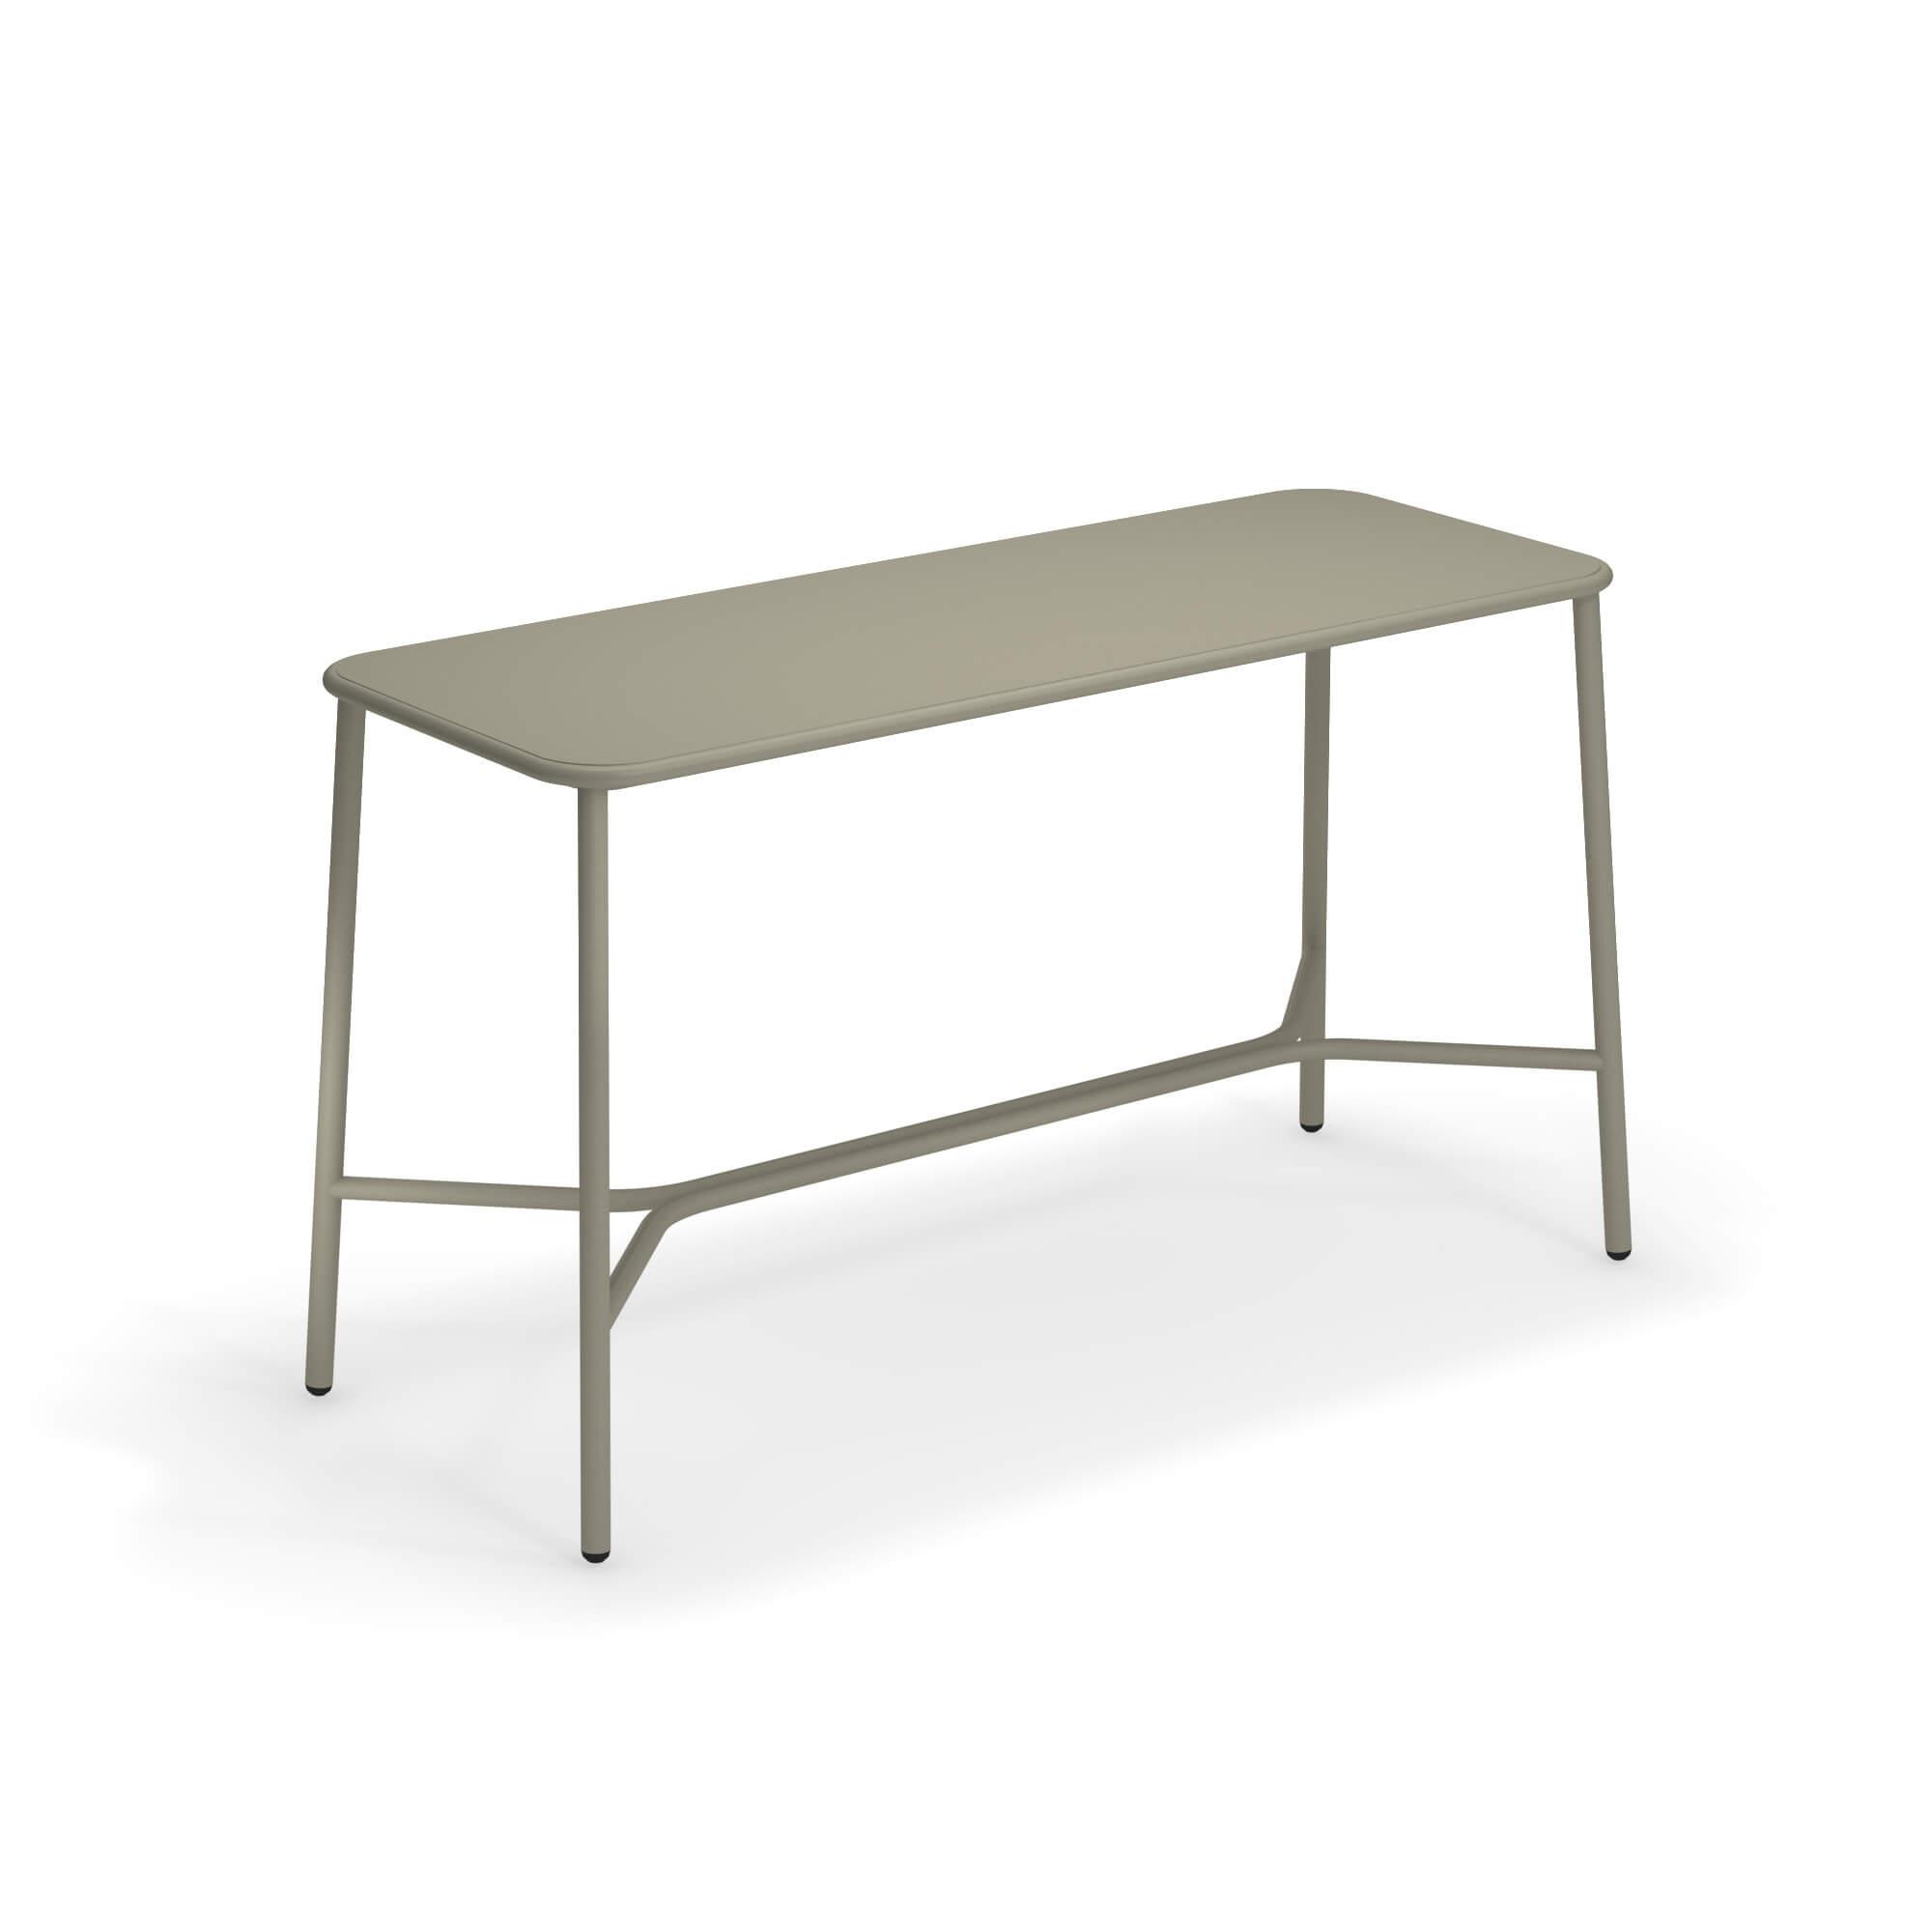 Emu Piano Tavolo Allungabile.Tavolo Alto Con Piano In Alluminio 180x70 Da Giardino Esterno In